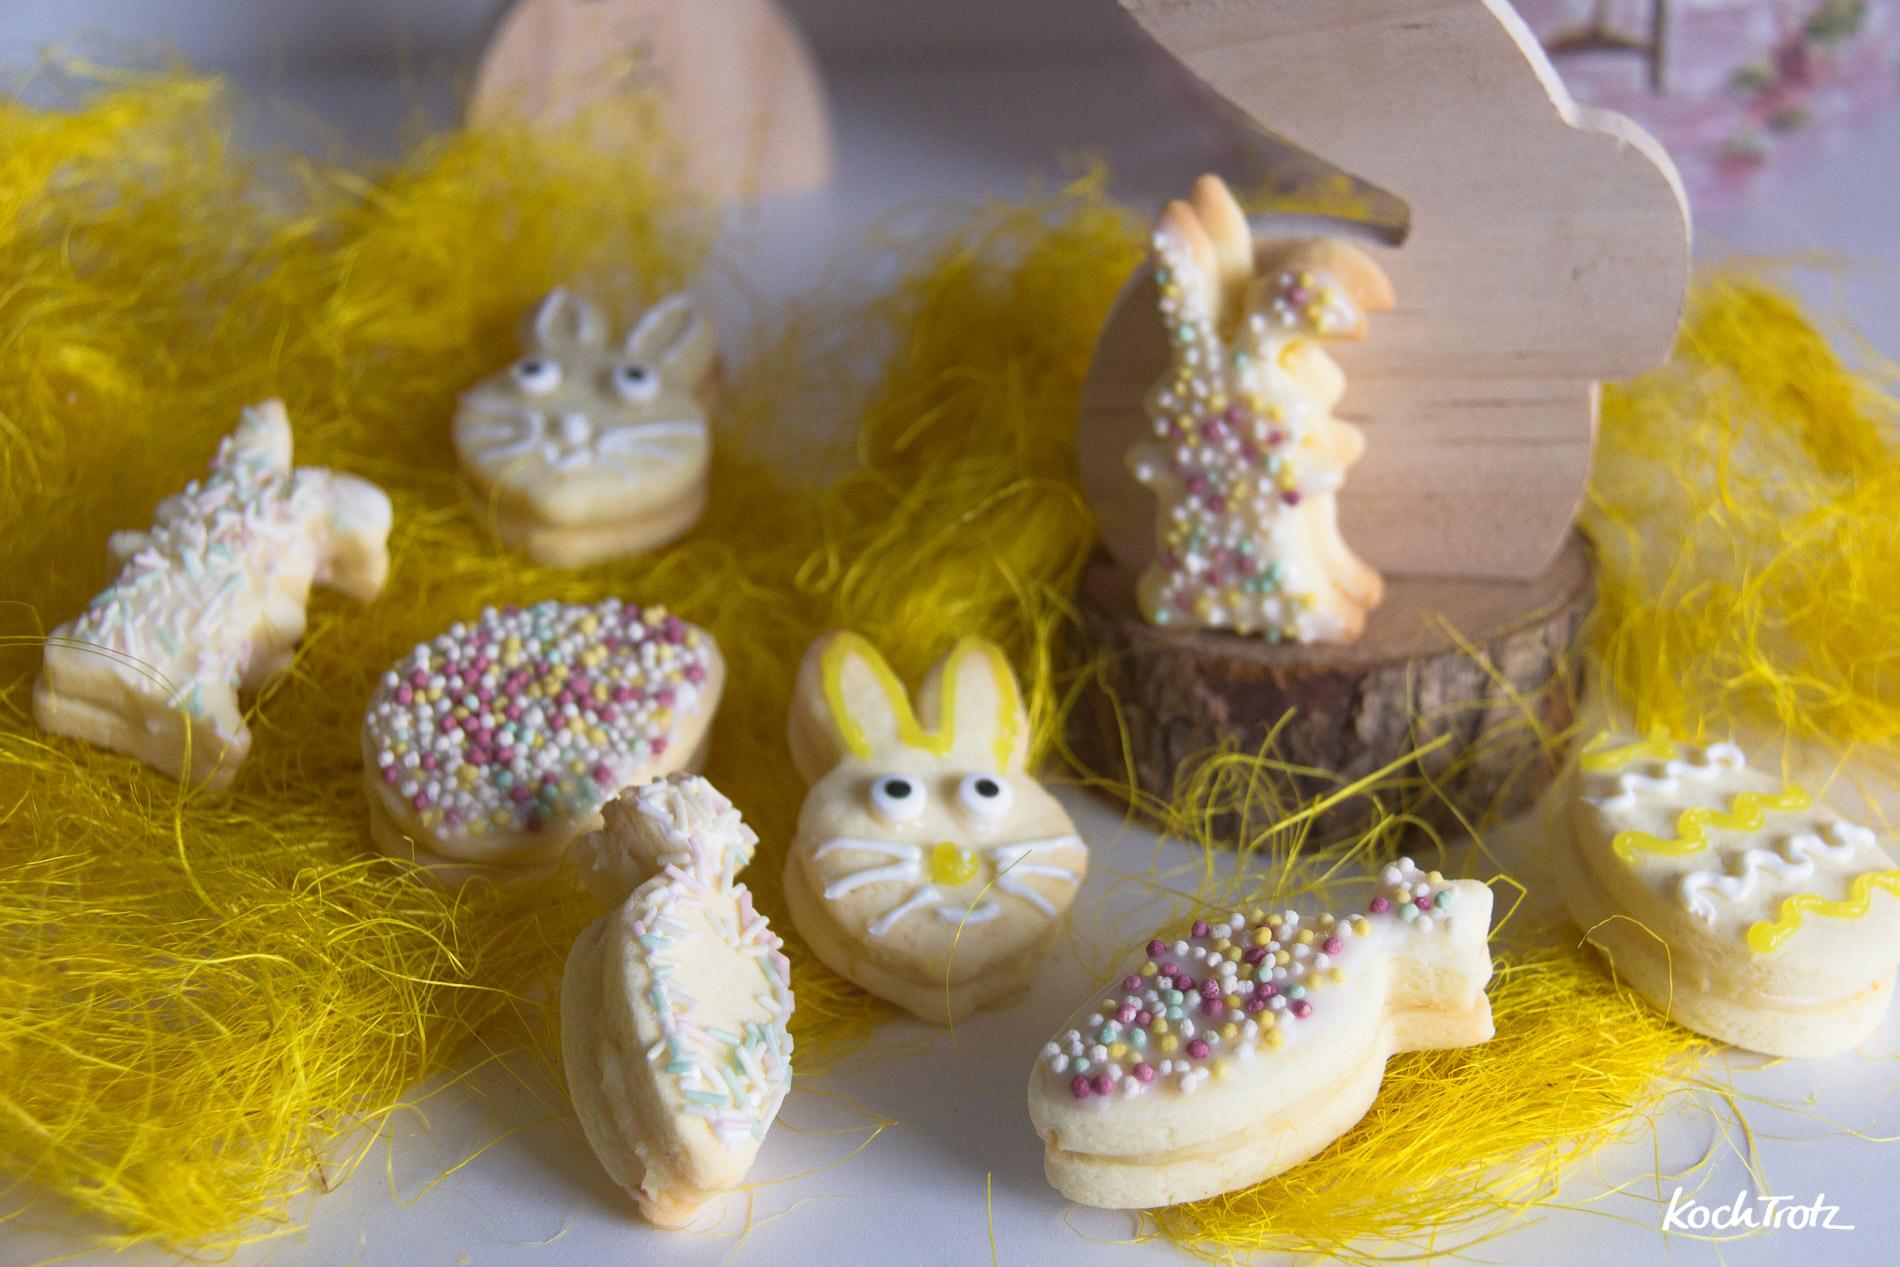 glutenfreie Osterkekse | zitronige Doppelkekse mit weisser Schokoladenfüllung